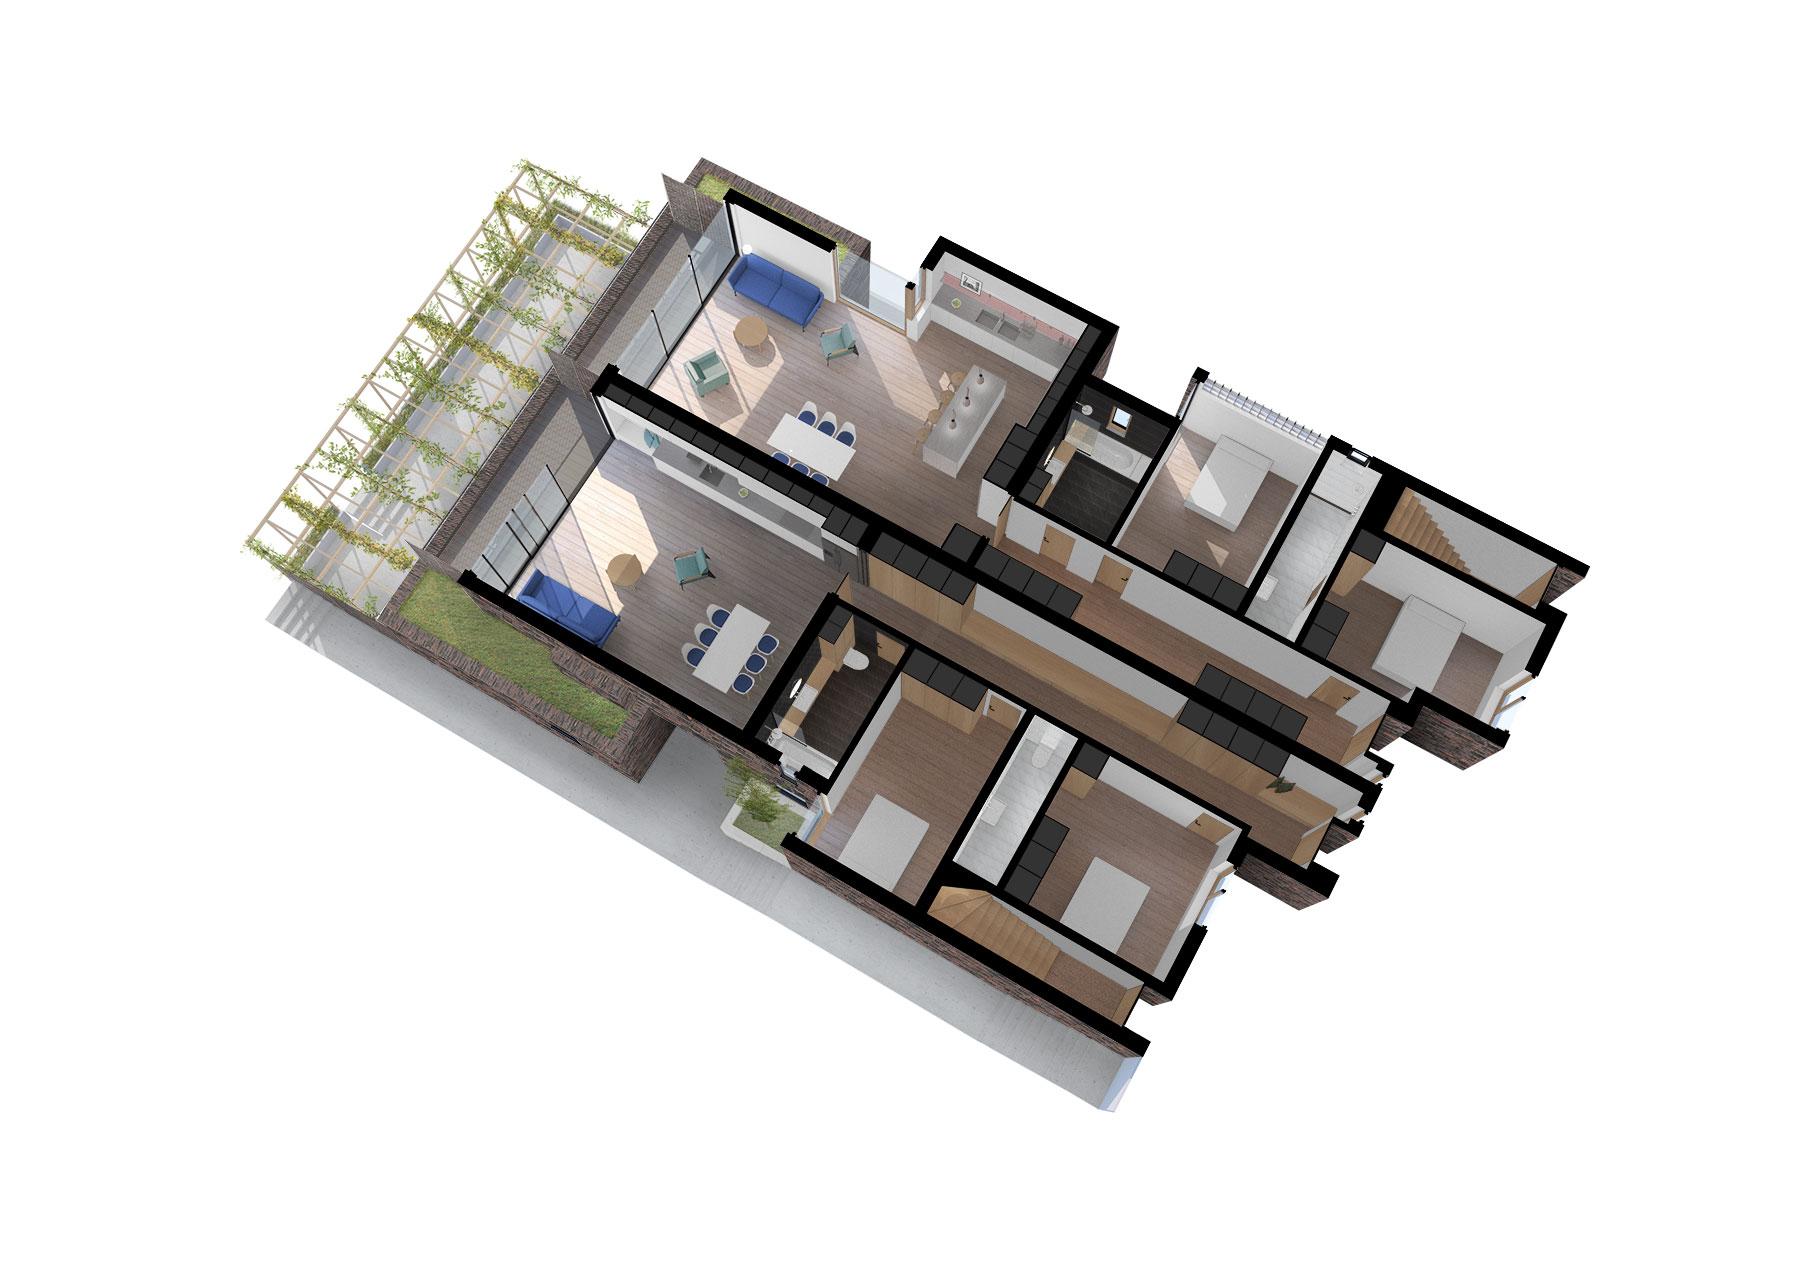 16-005 Aerial Cutaway Image 04.jpg